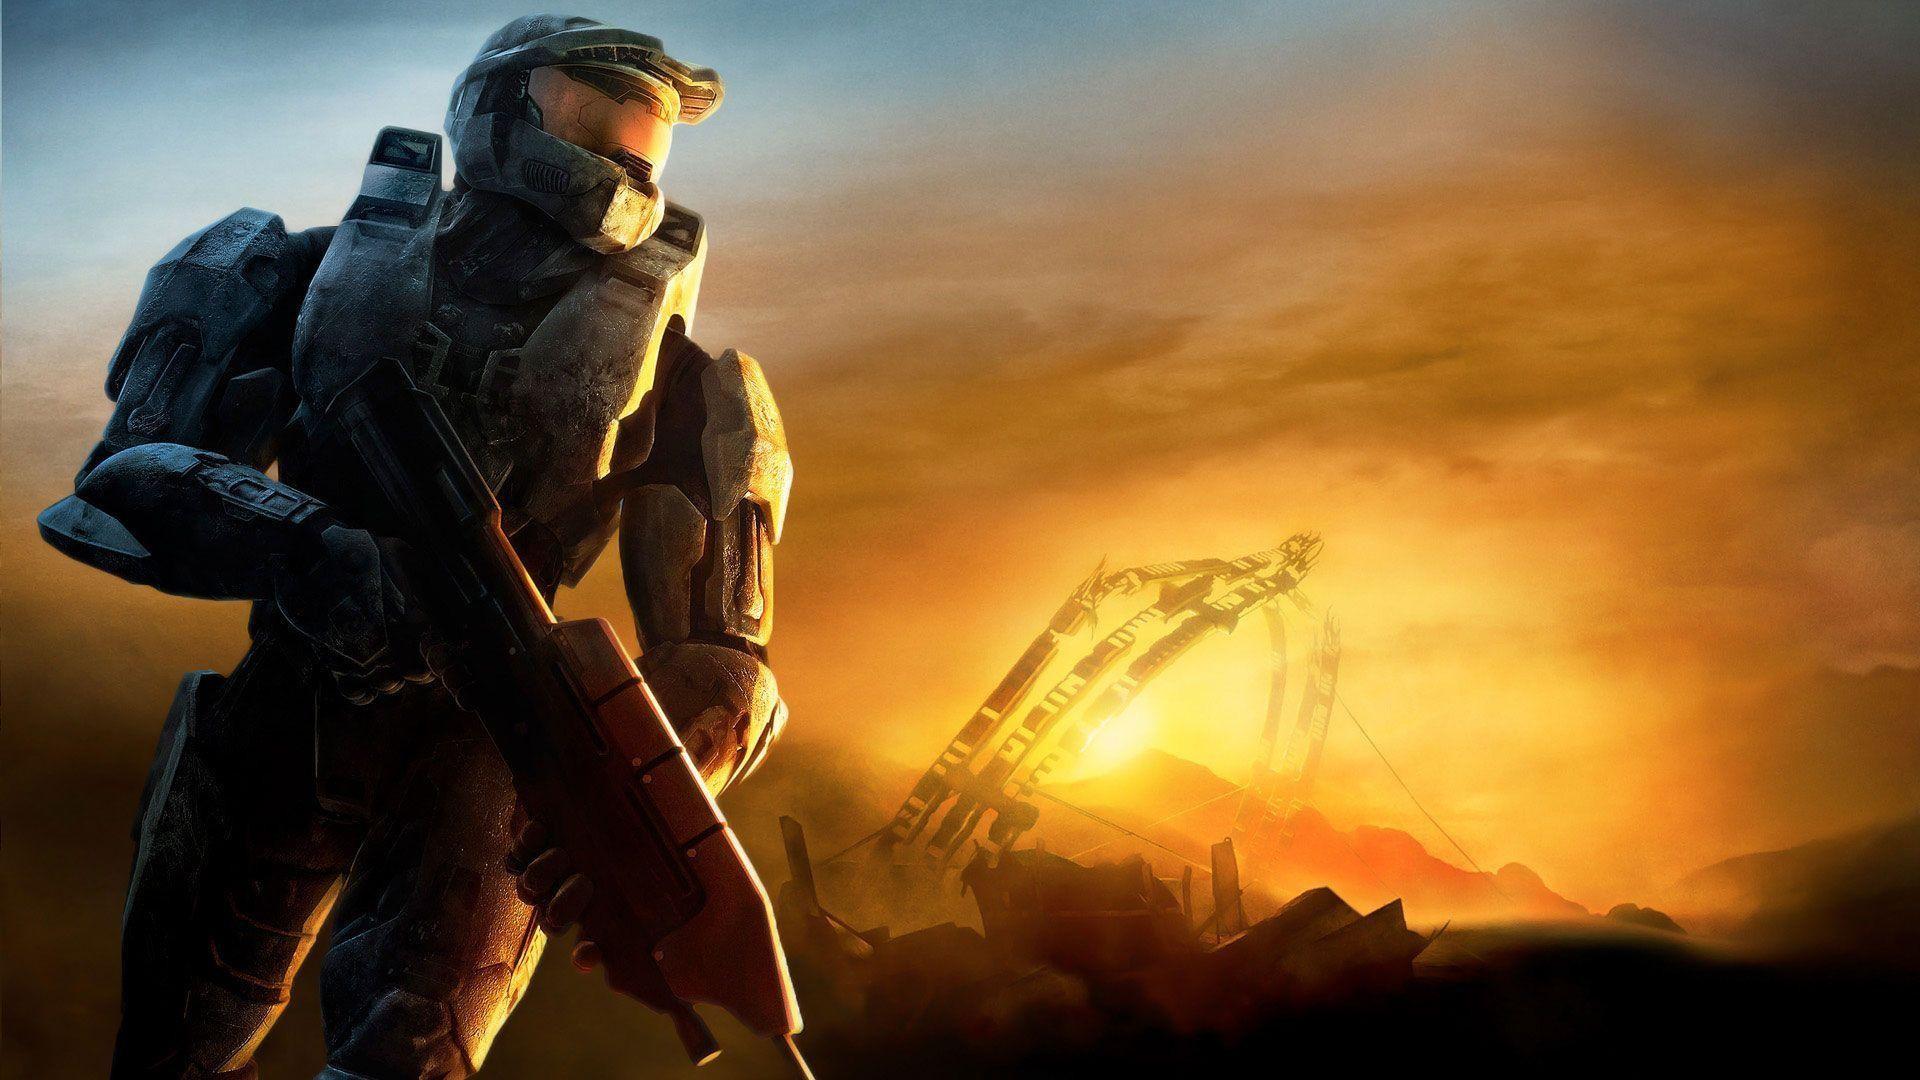 Halo 5 4K Wallpaper – WallpaperSafari